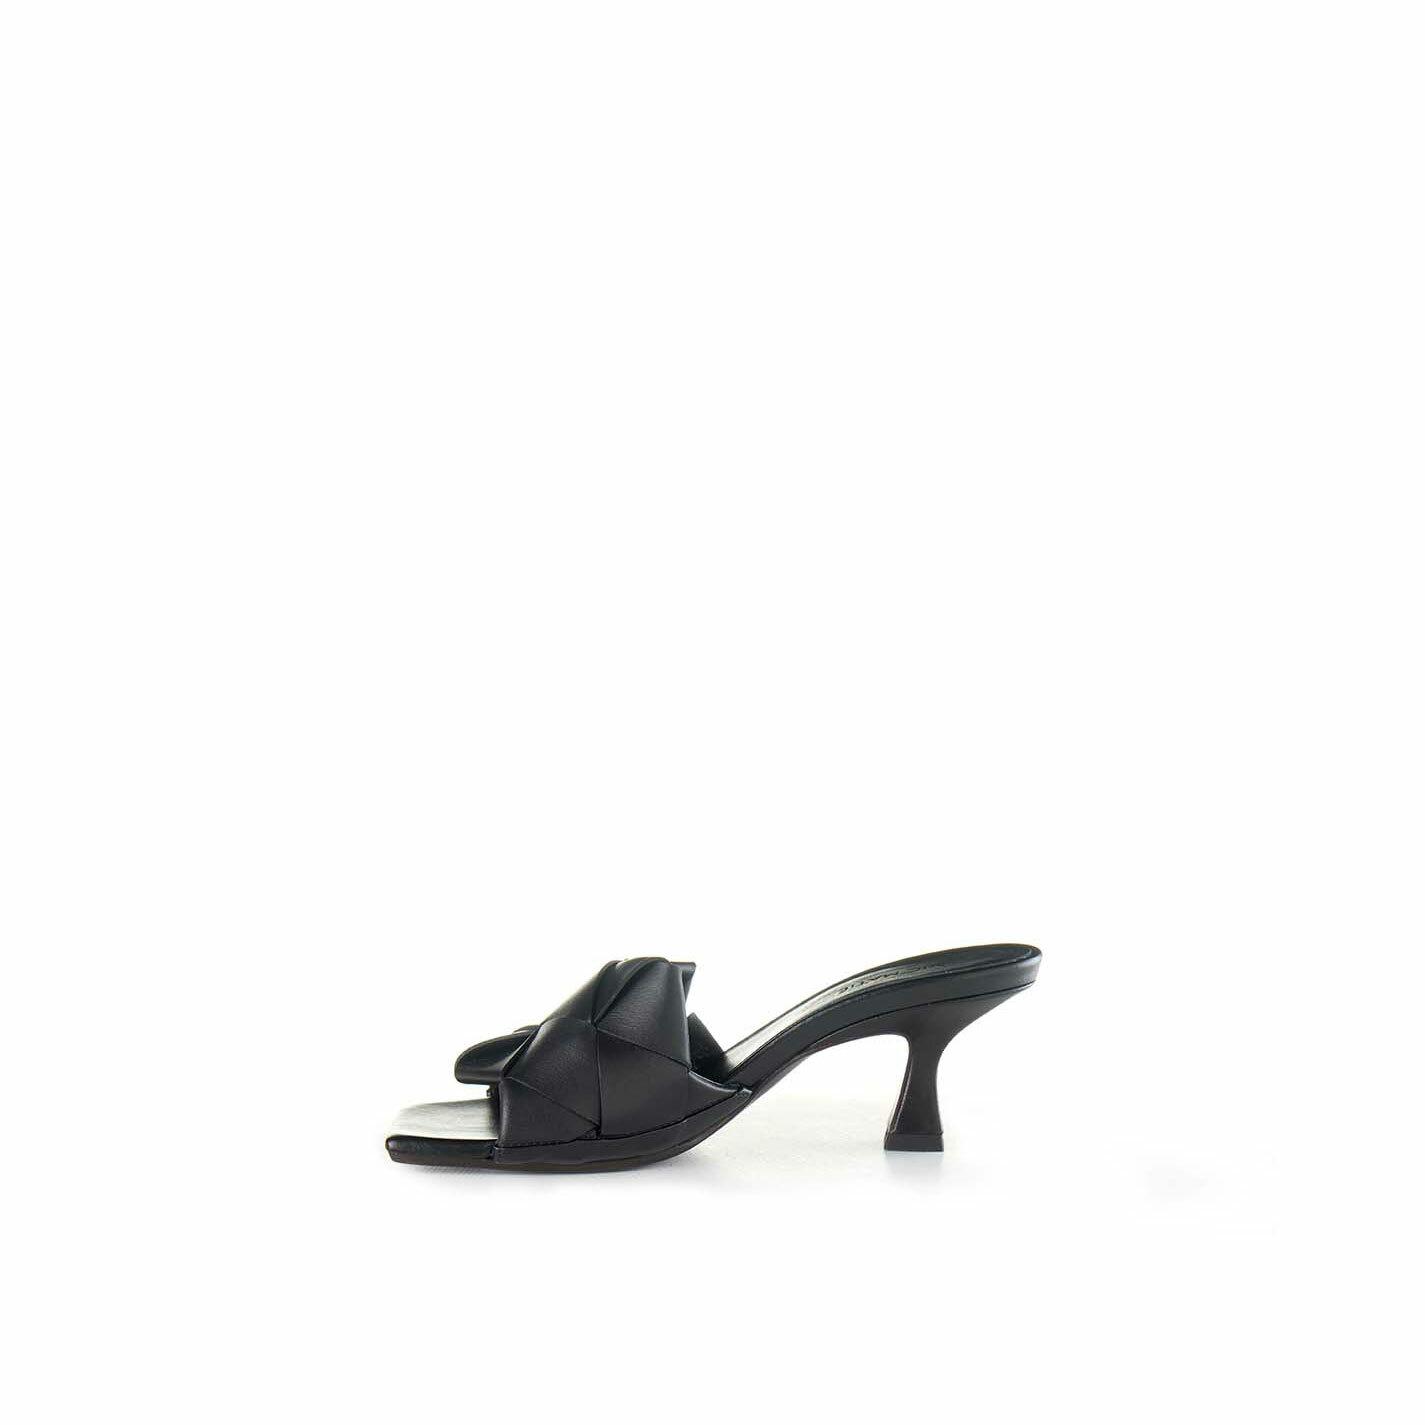 Black slip-ons with spool heel